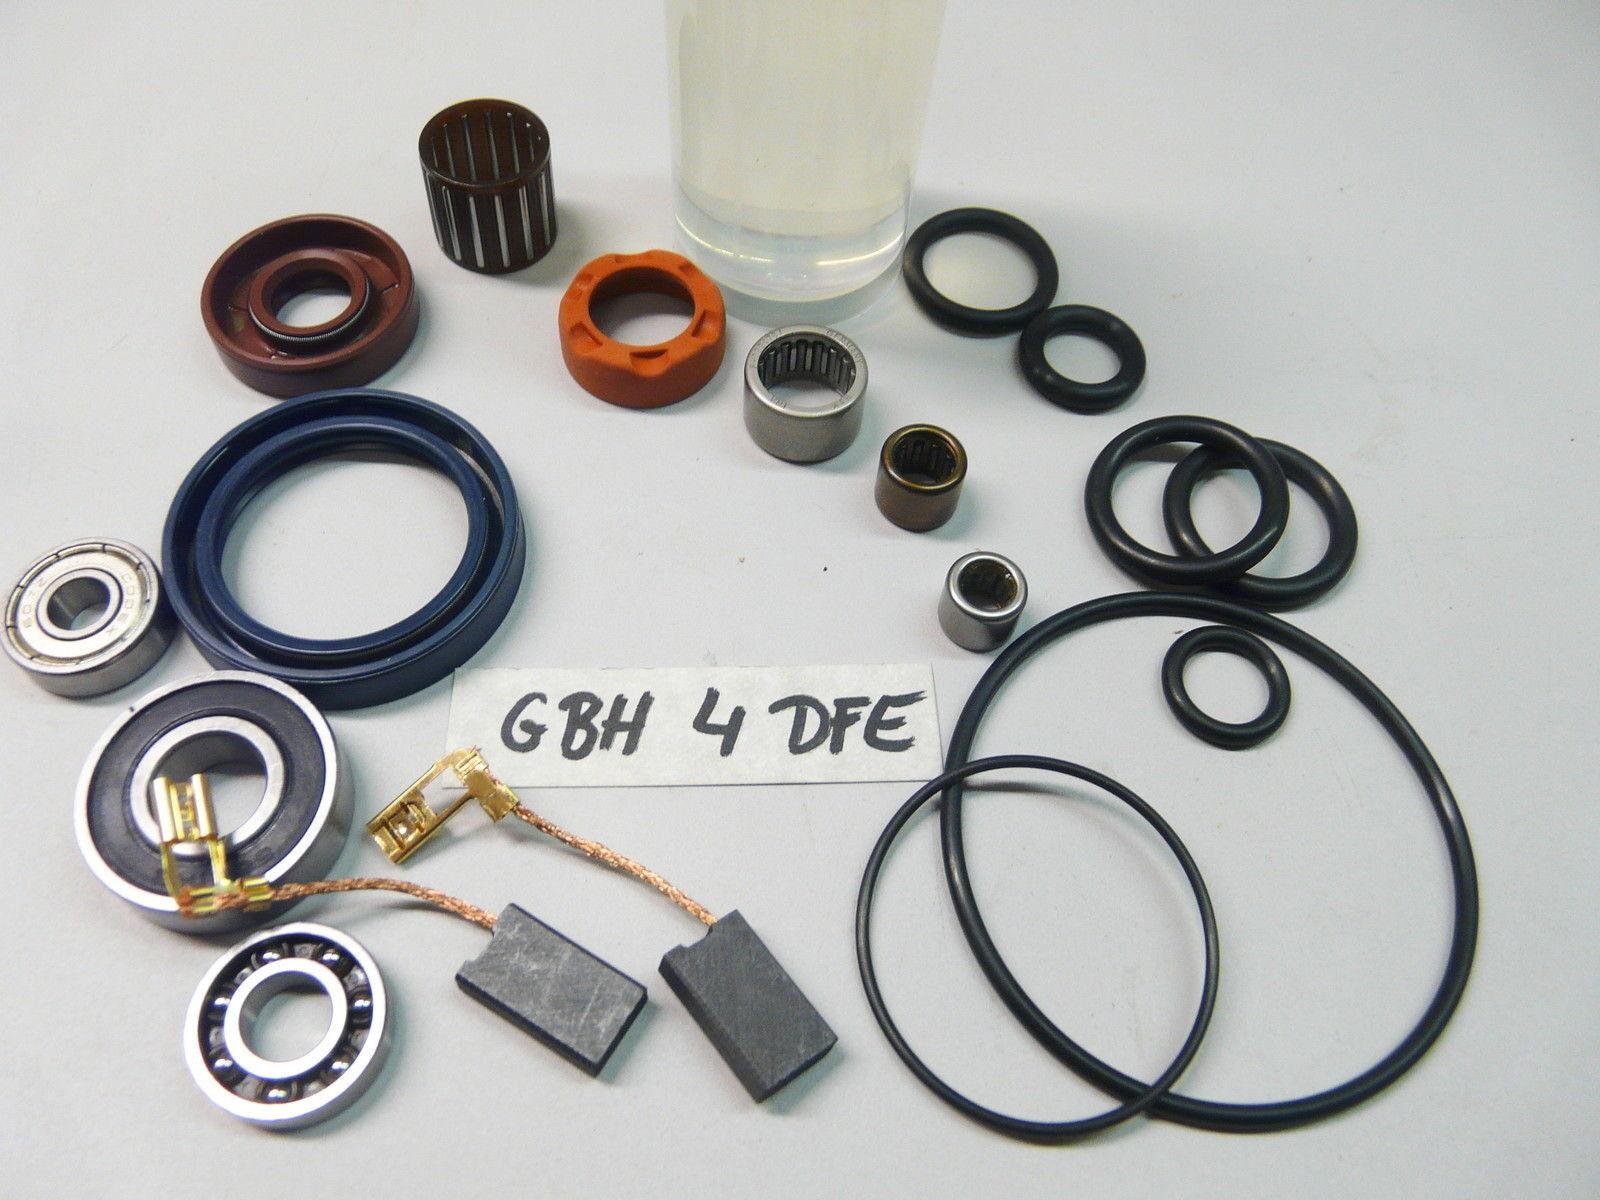 Bosch GBH 4 DFE , Reparatursatz, Verschleissteilesatz, Wartungset